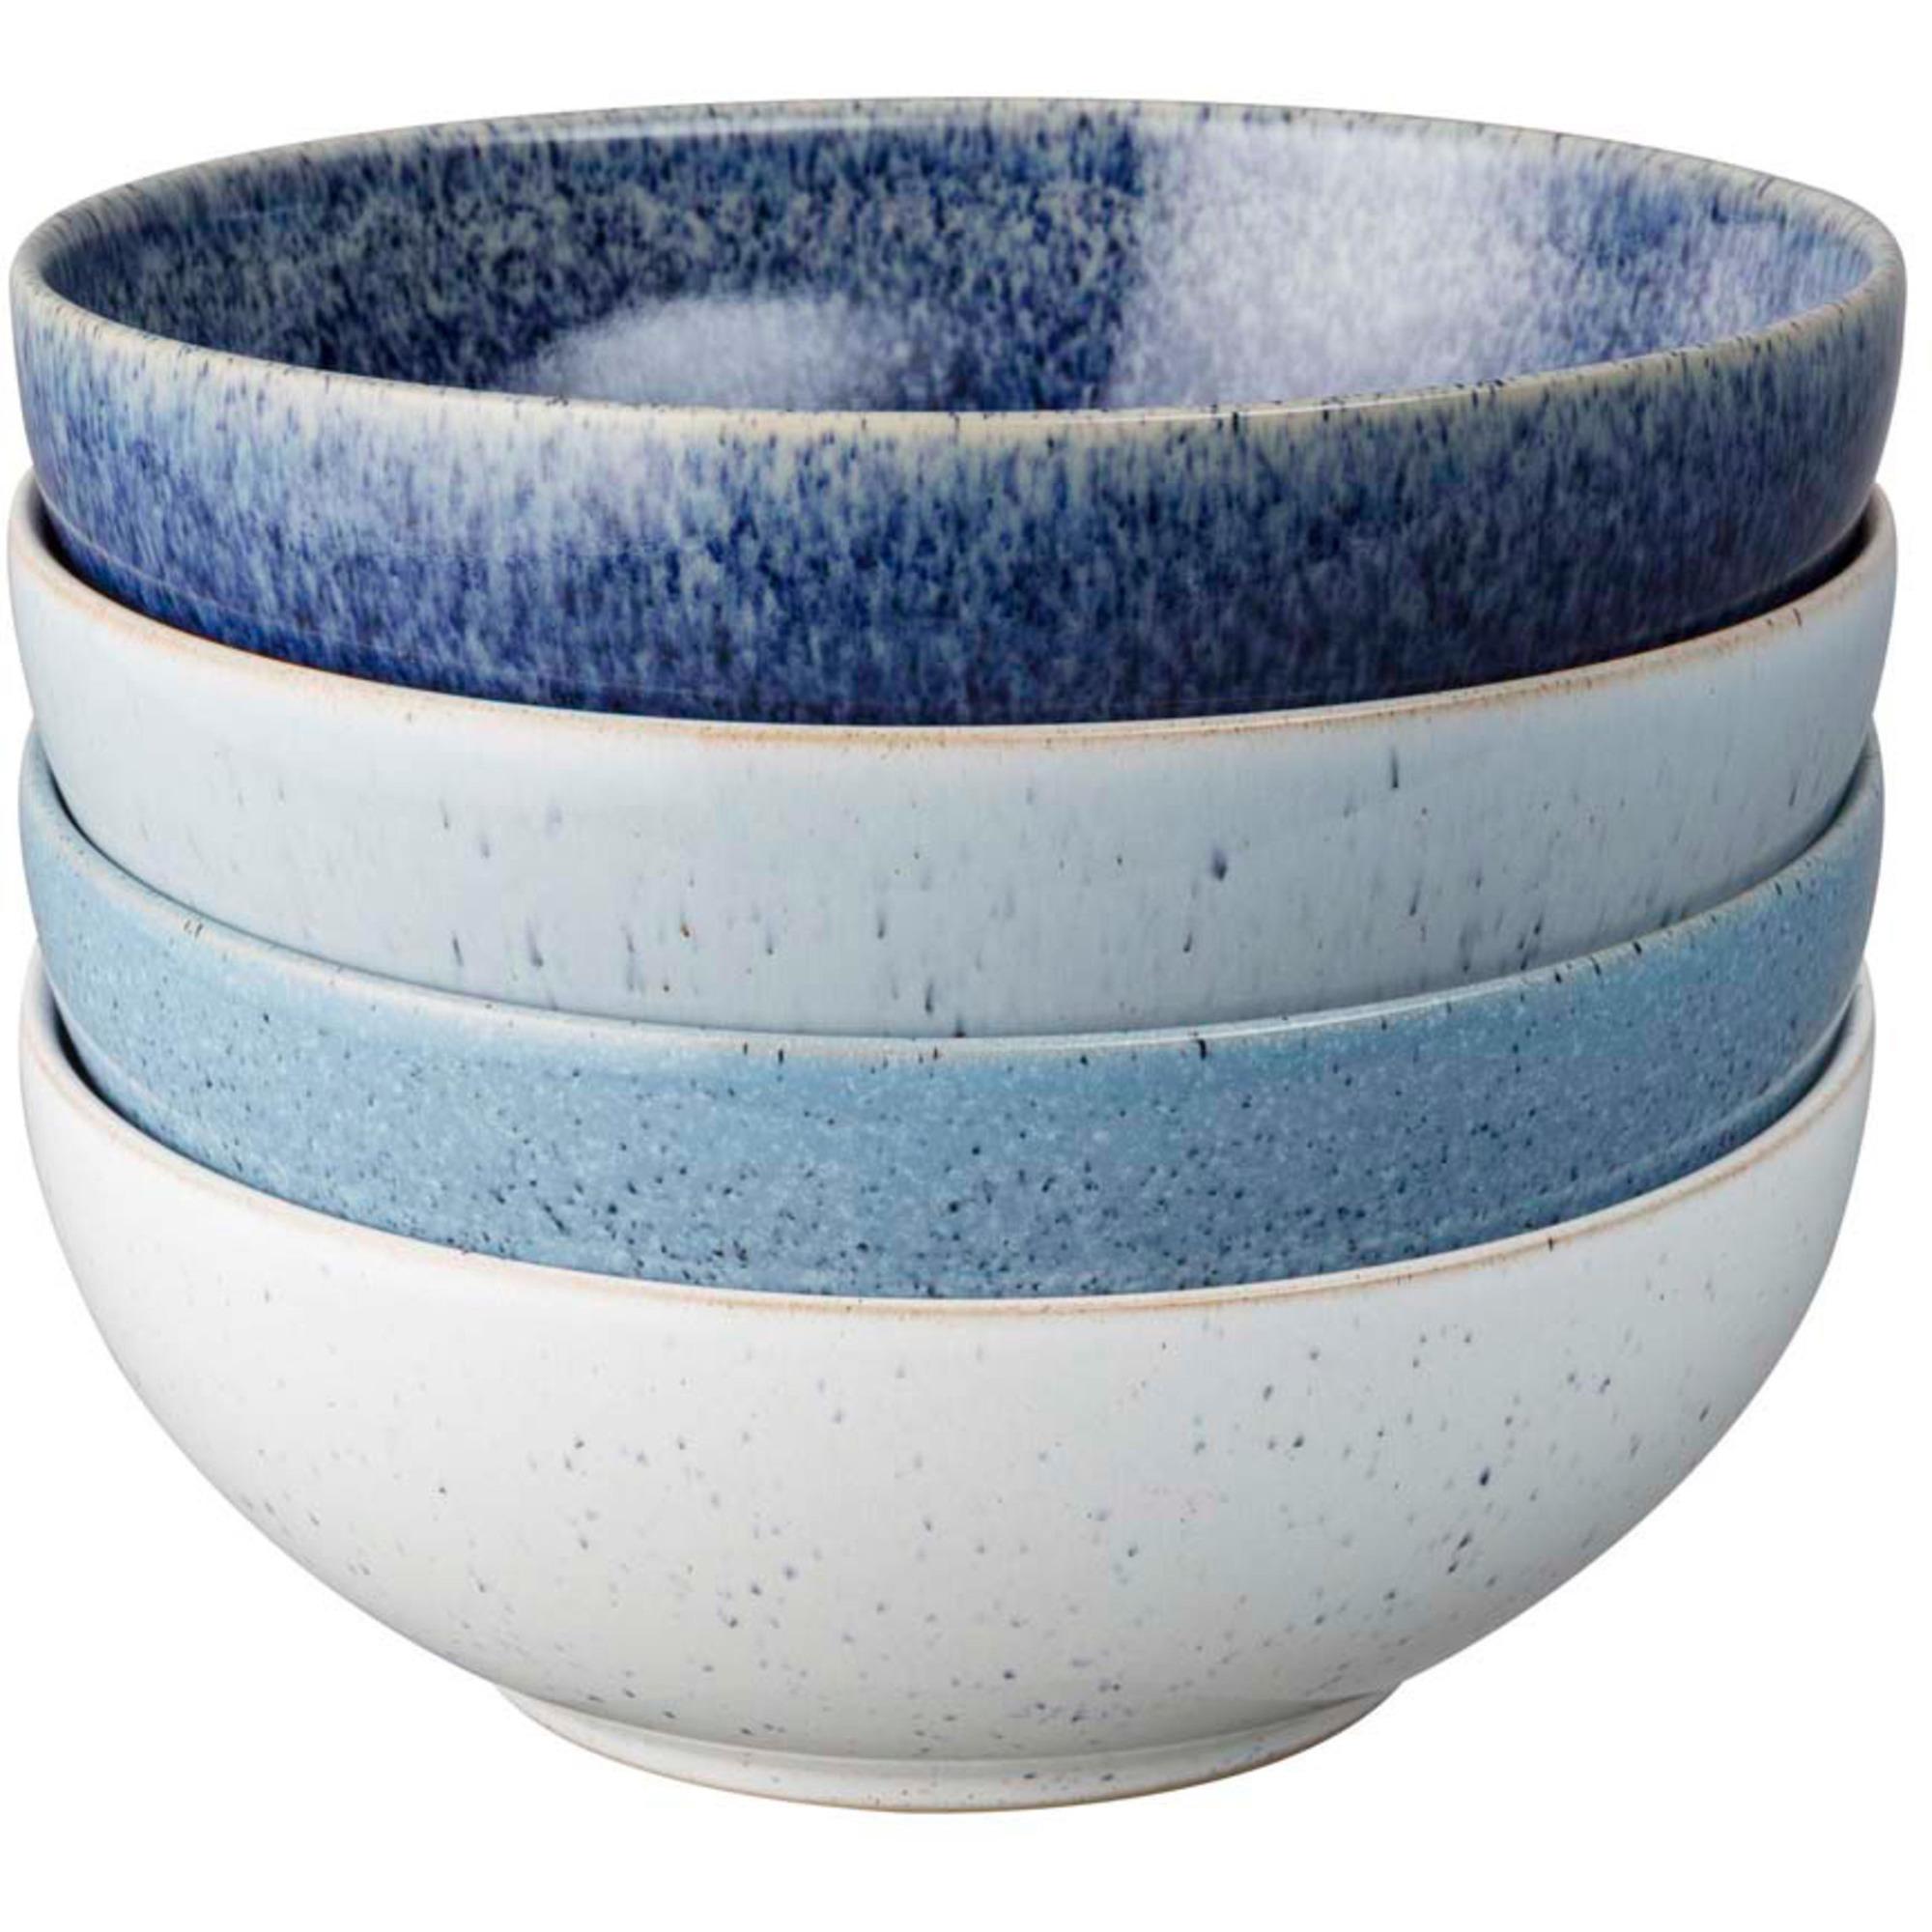 Denby Studio Blue Flingskål 17 cm 4-Pack